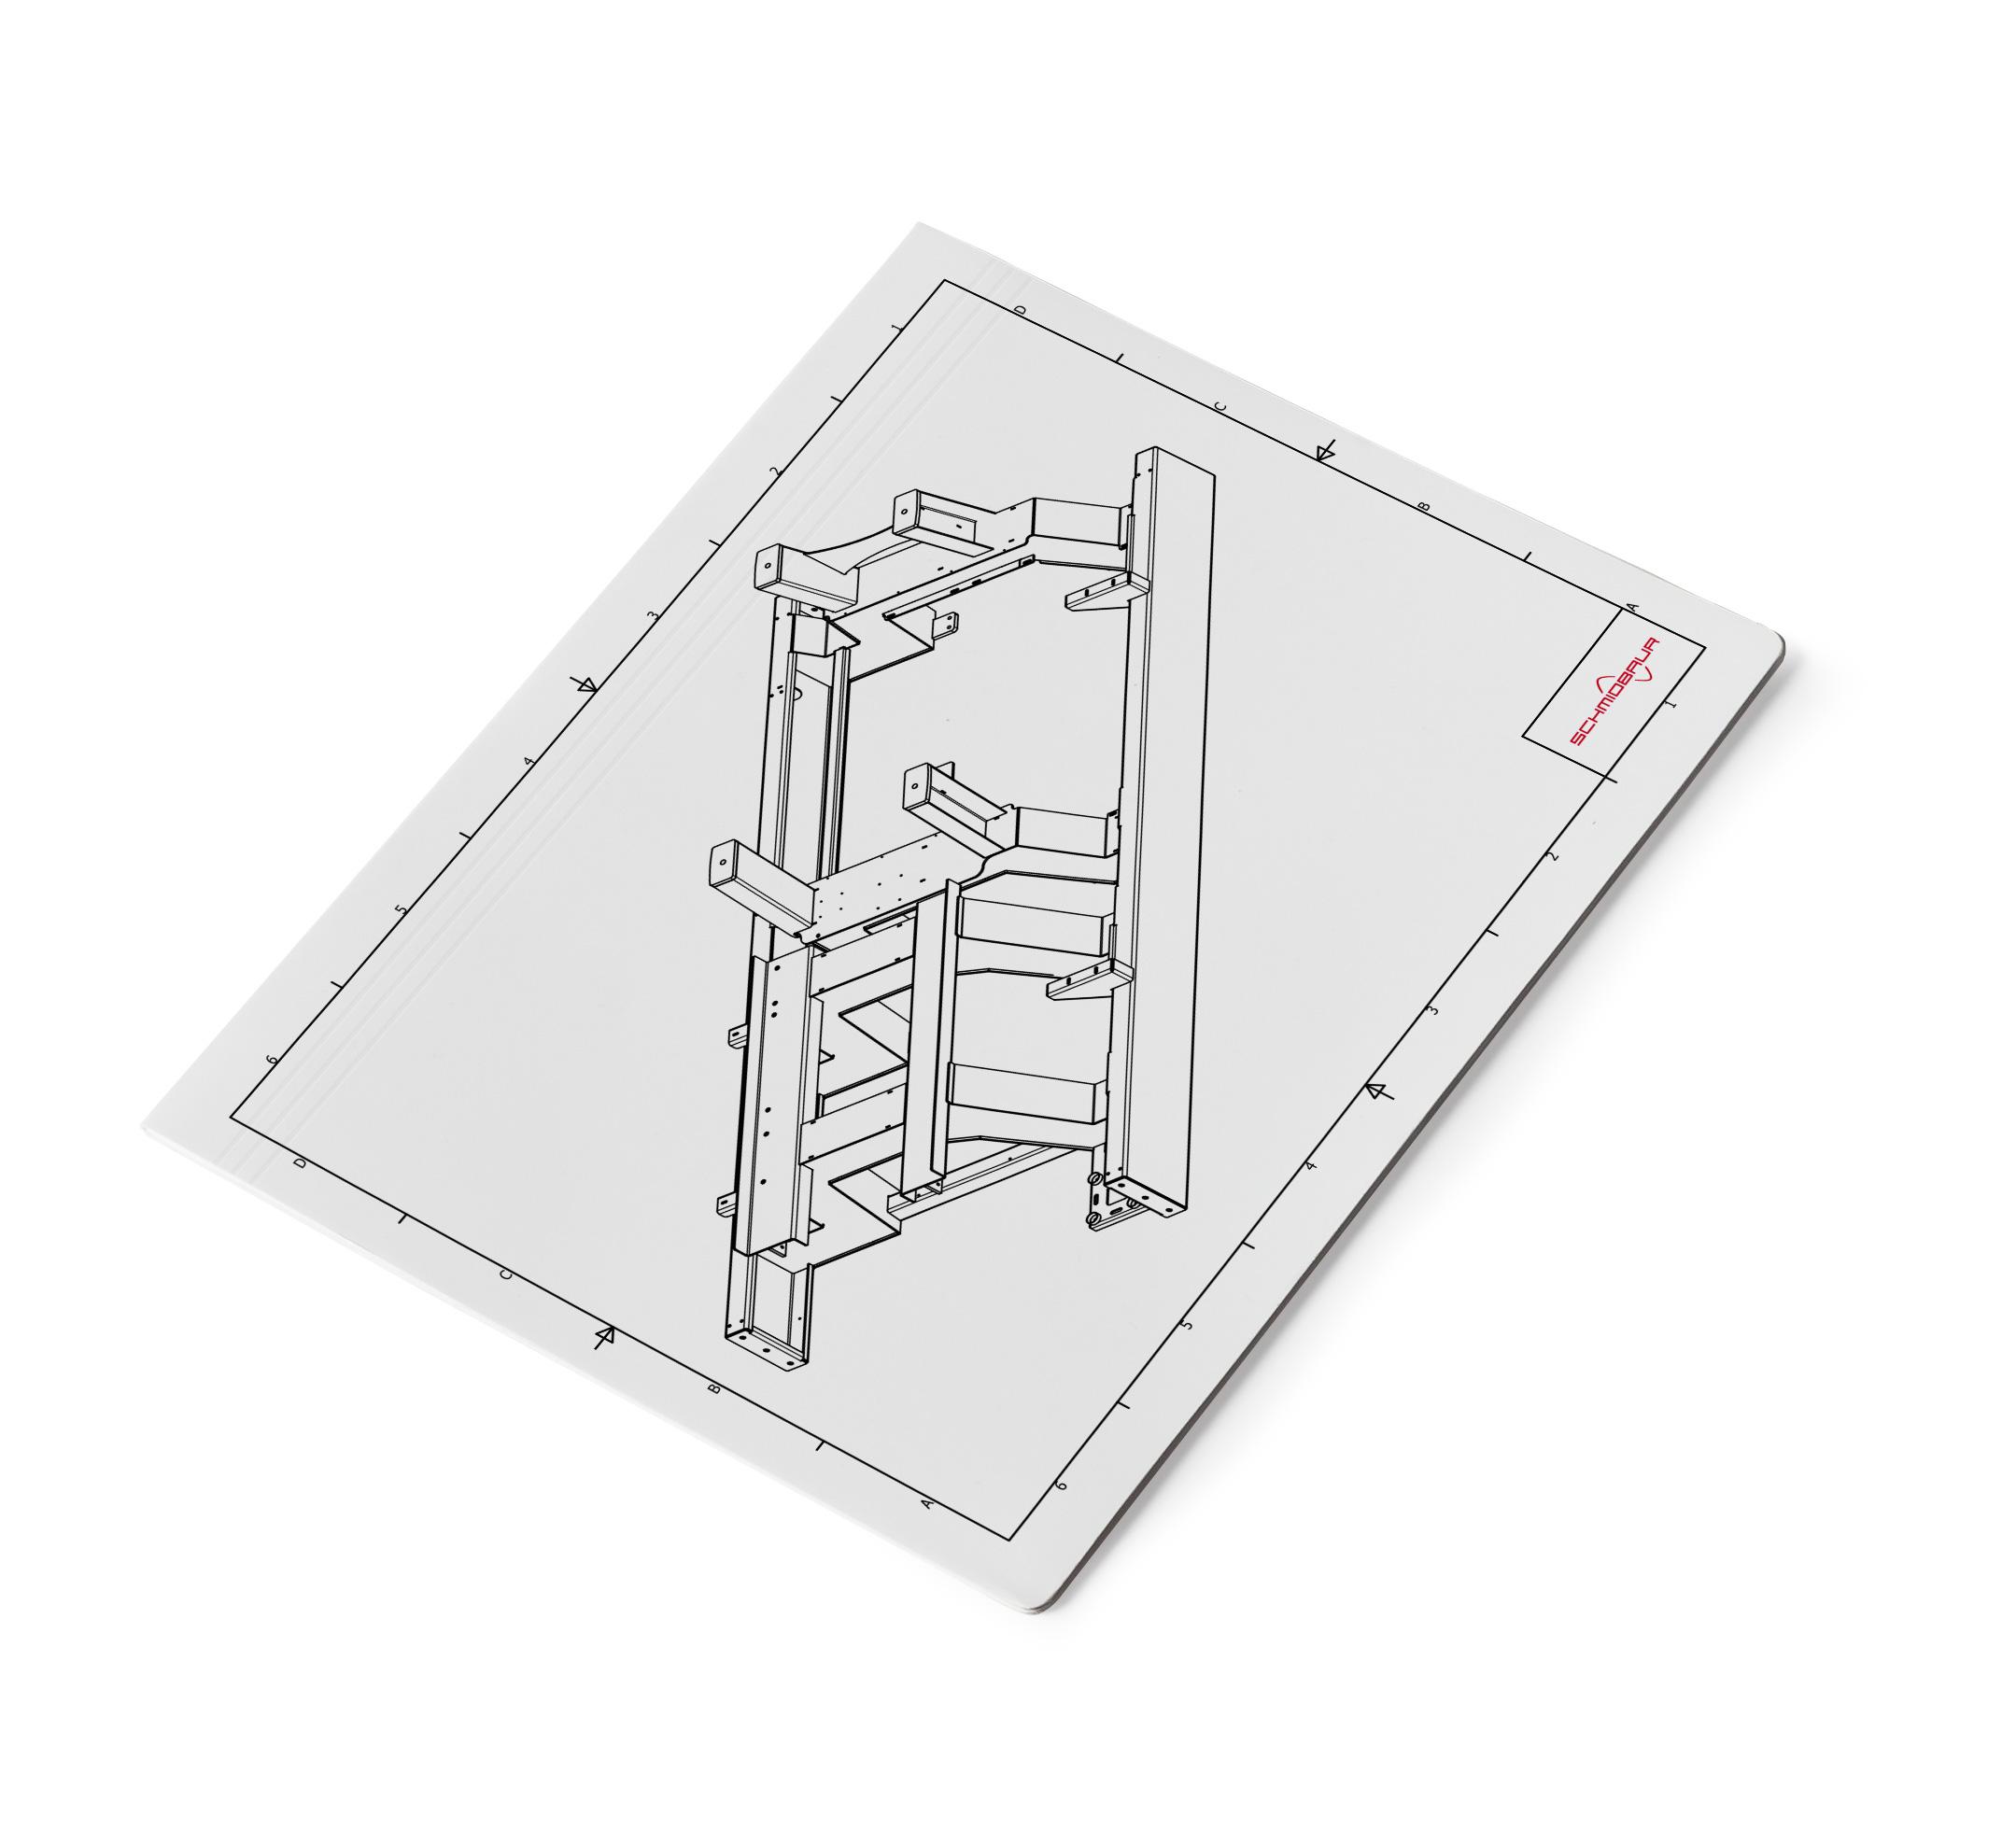 schmidbaur-blechbearbeitung-sonderkonstruktionen-1